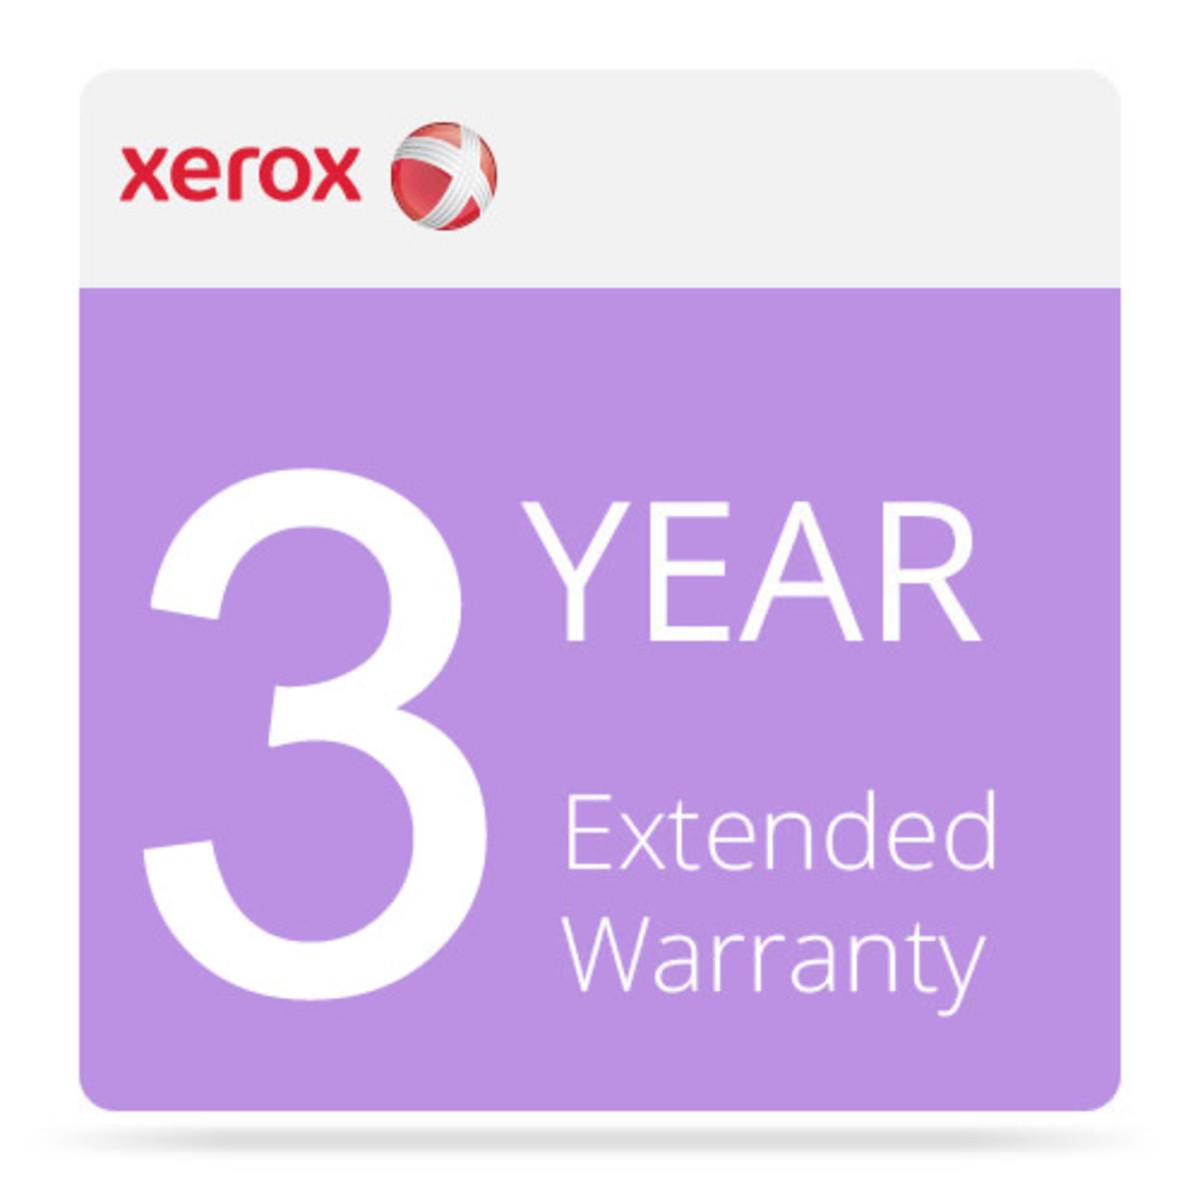 Xerox 3 Year Extended Warranty